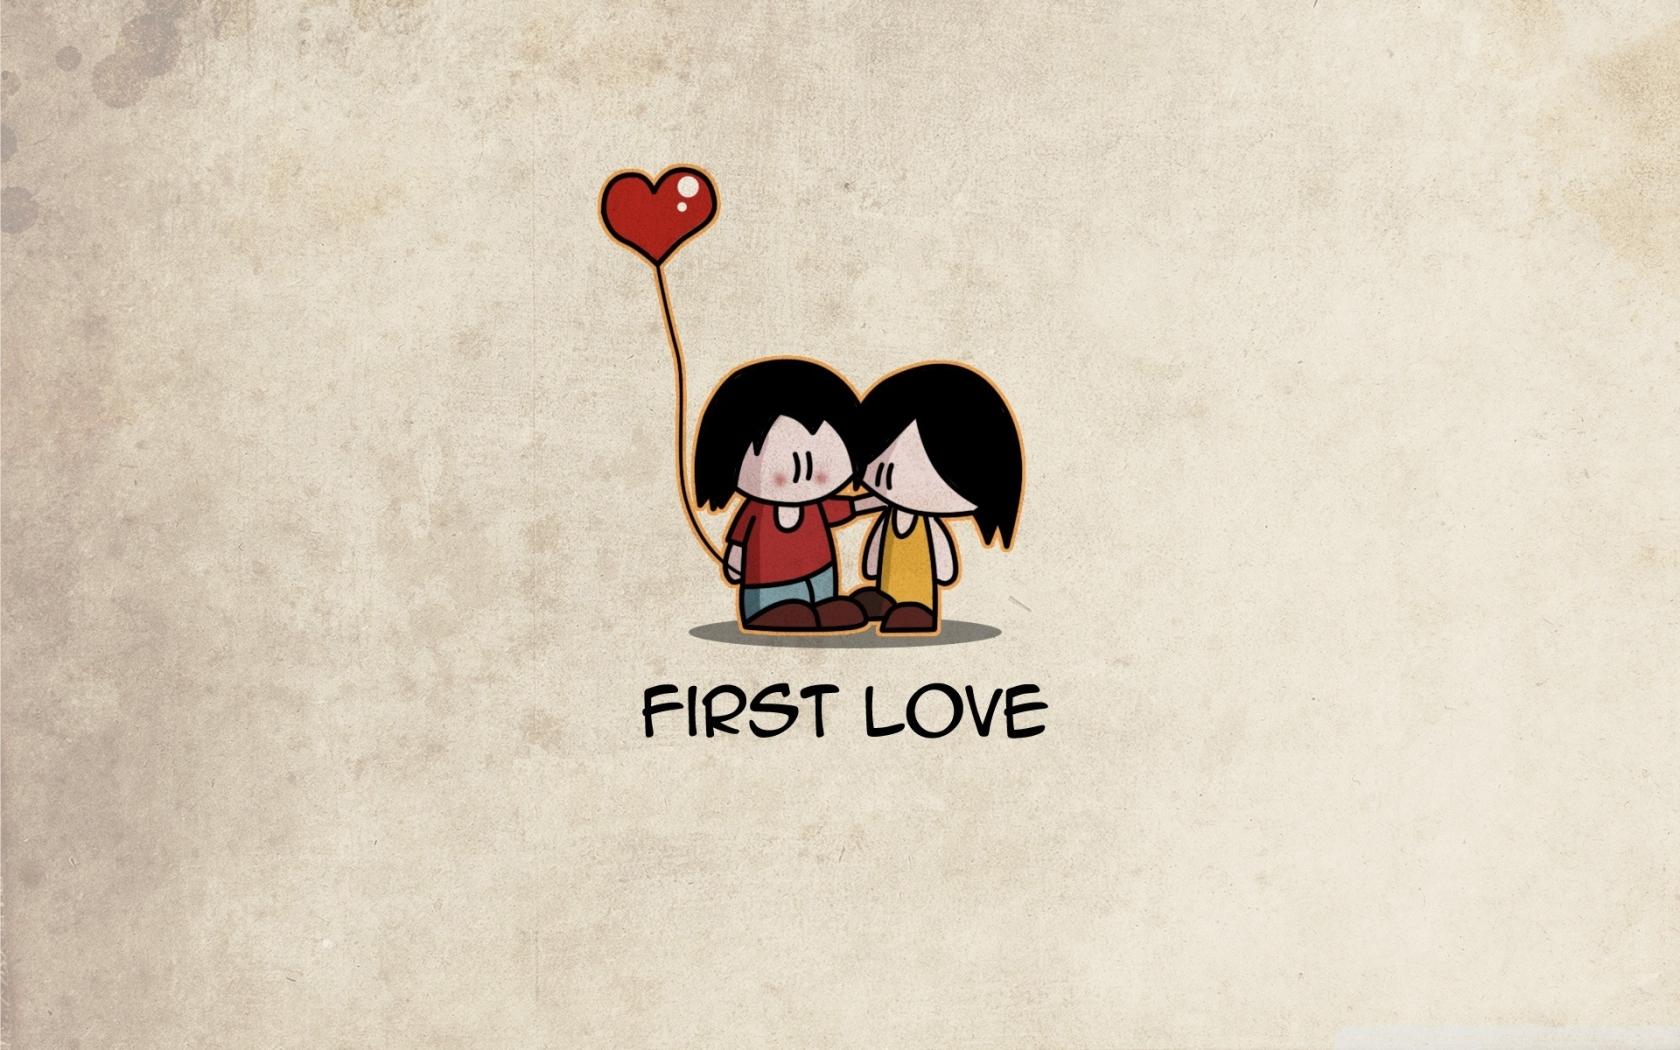 El primer amor - 1680x1050